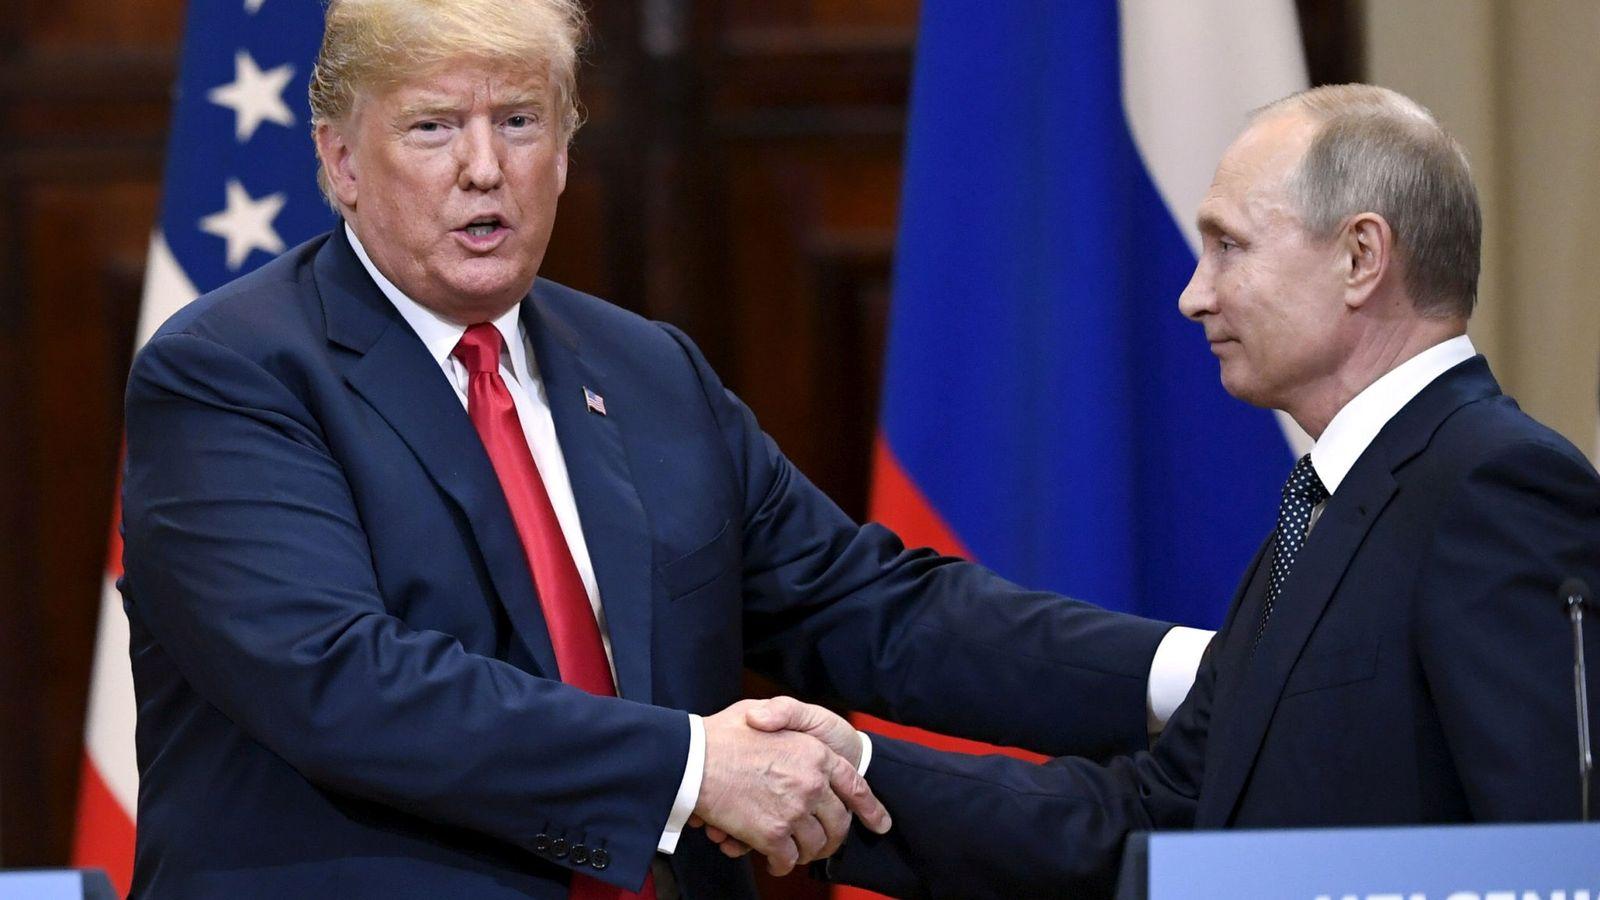 Trump expresó que fue mejor el encuentro con Putin que con la OTAN